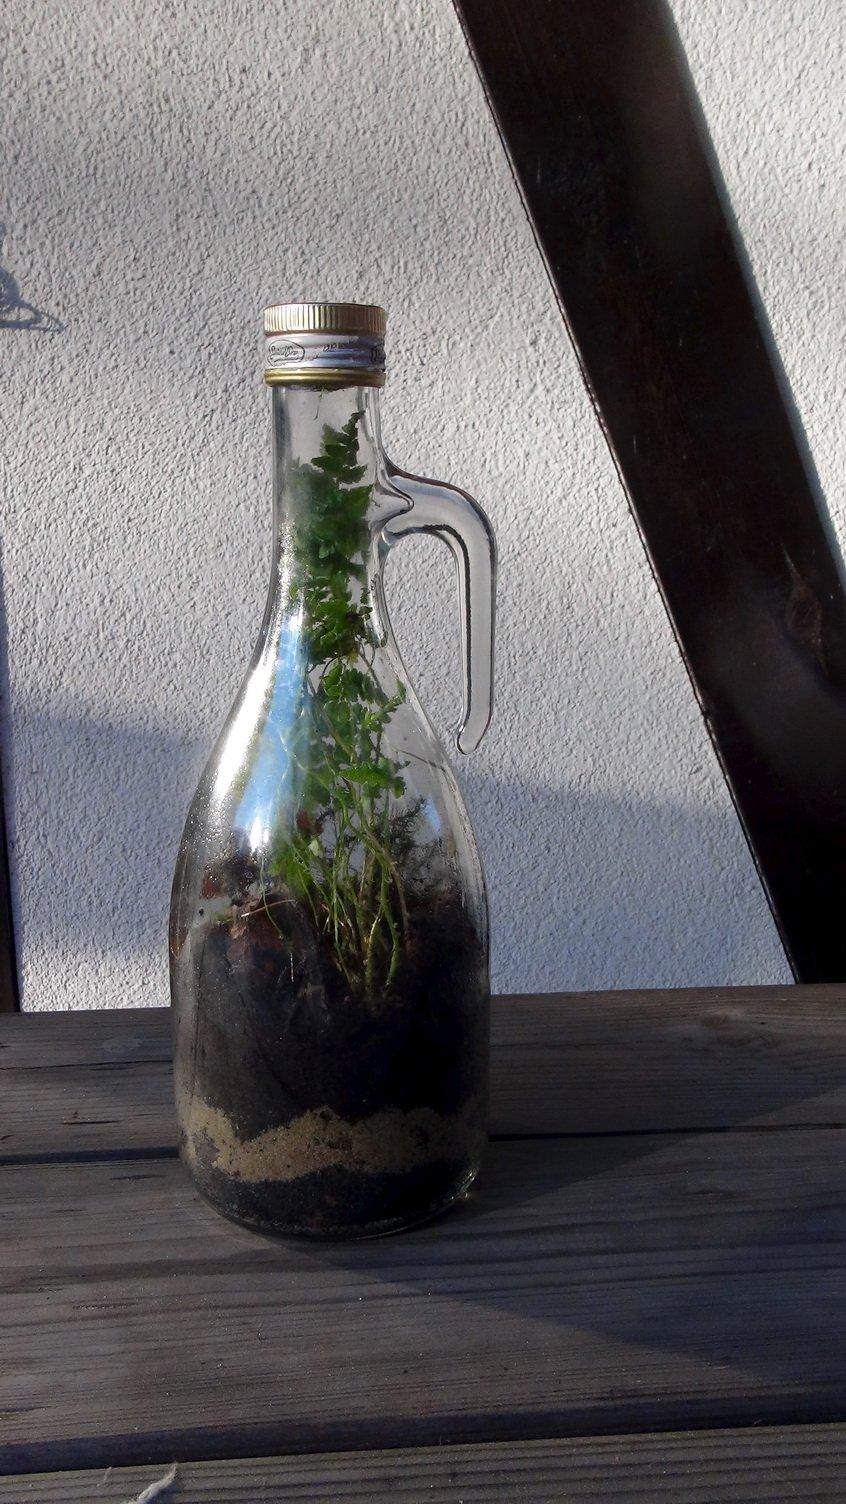 Terrarium w butelce jak to działa